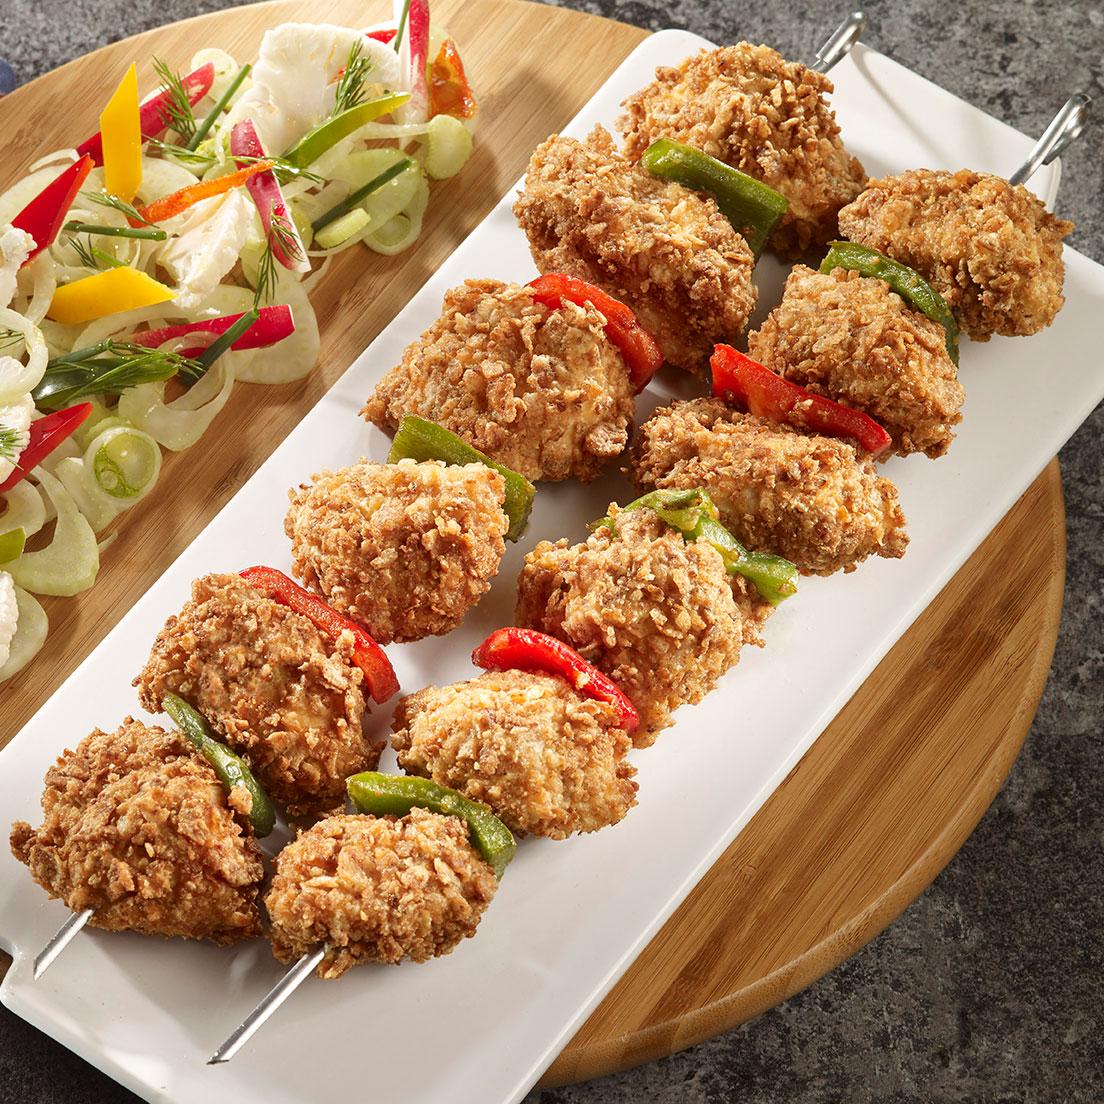 Brochette de poulet panée et garniture de légumes à cru façon Bagna Cauda